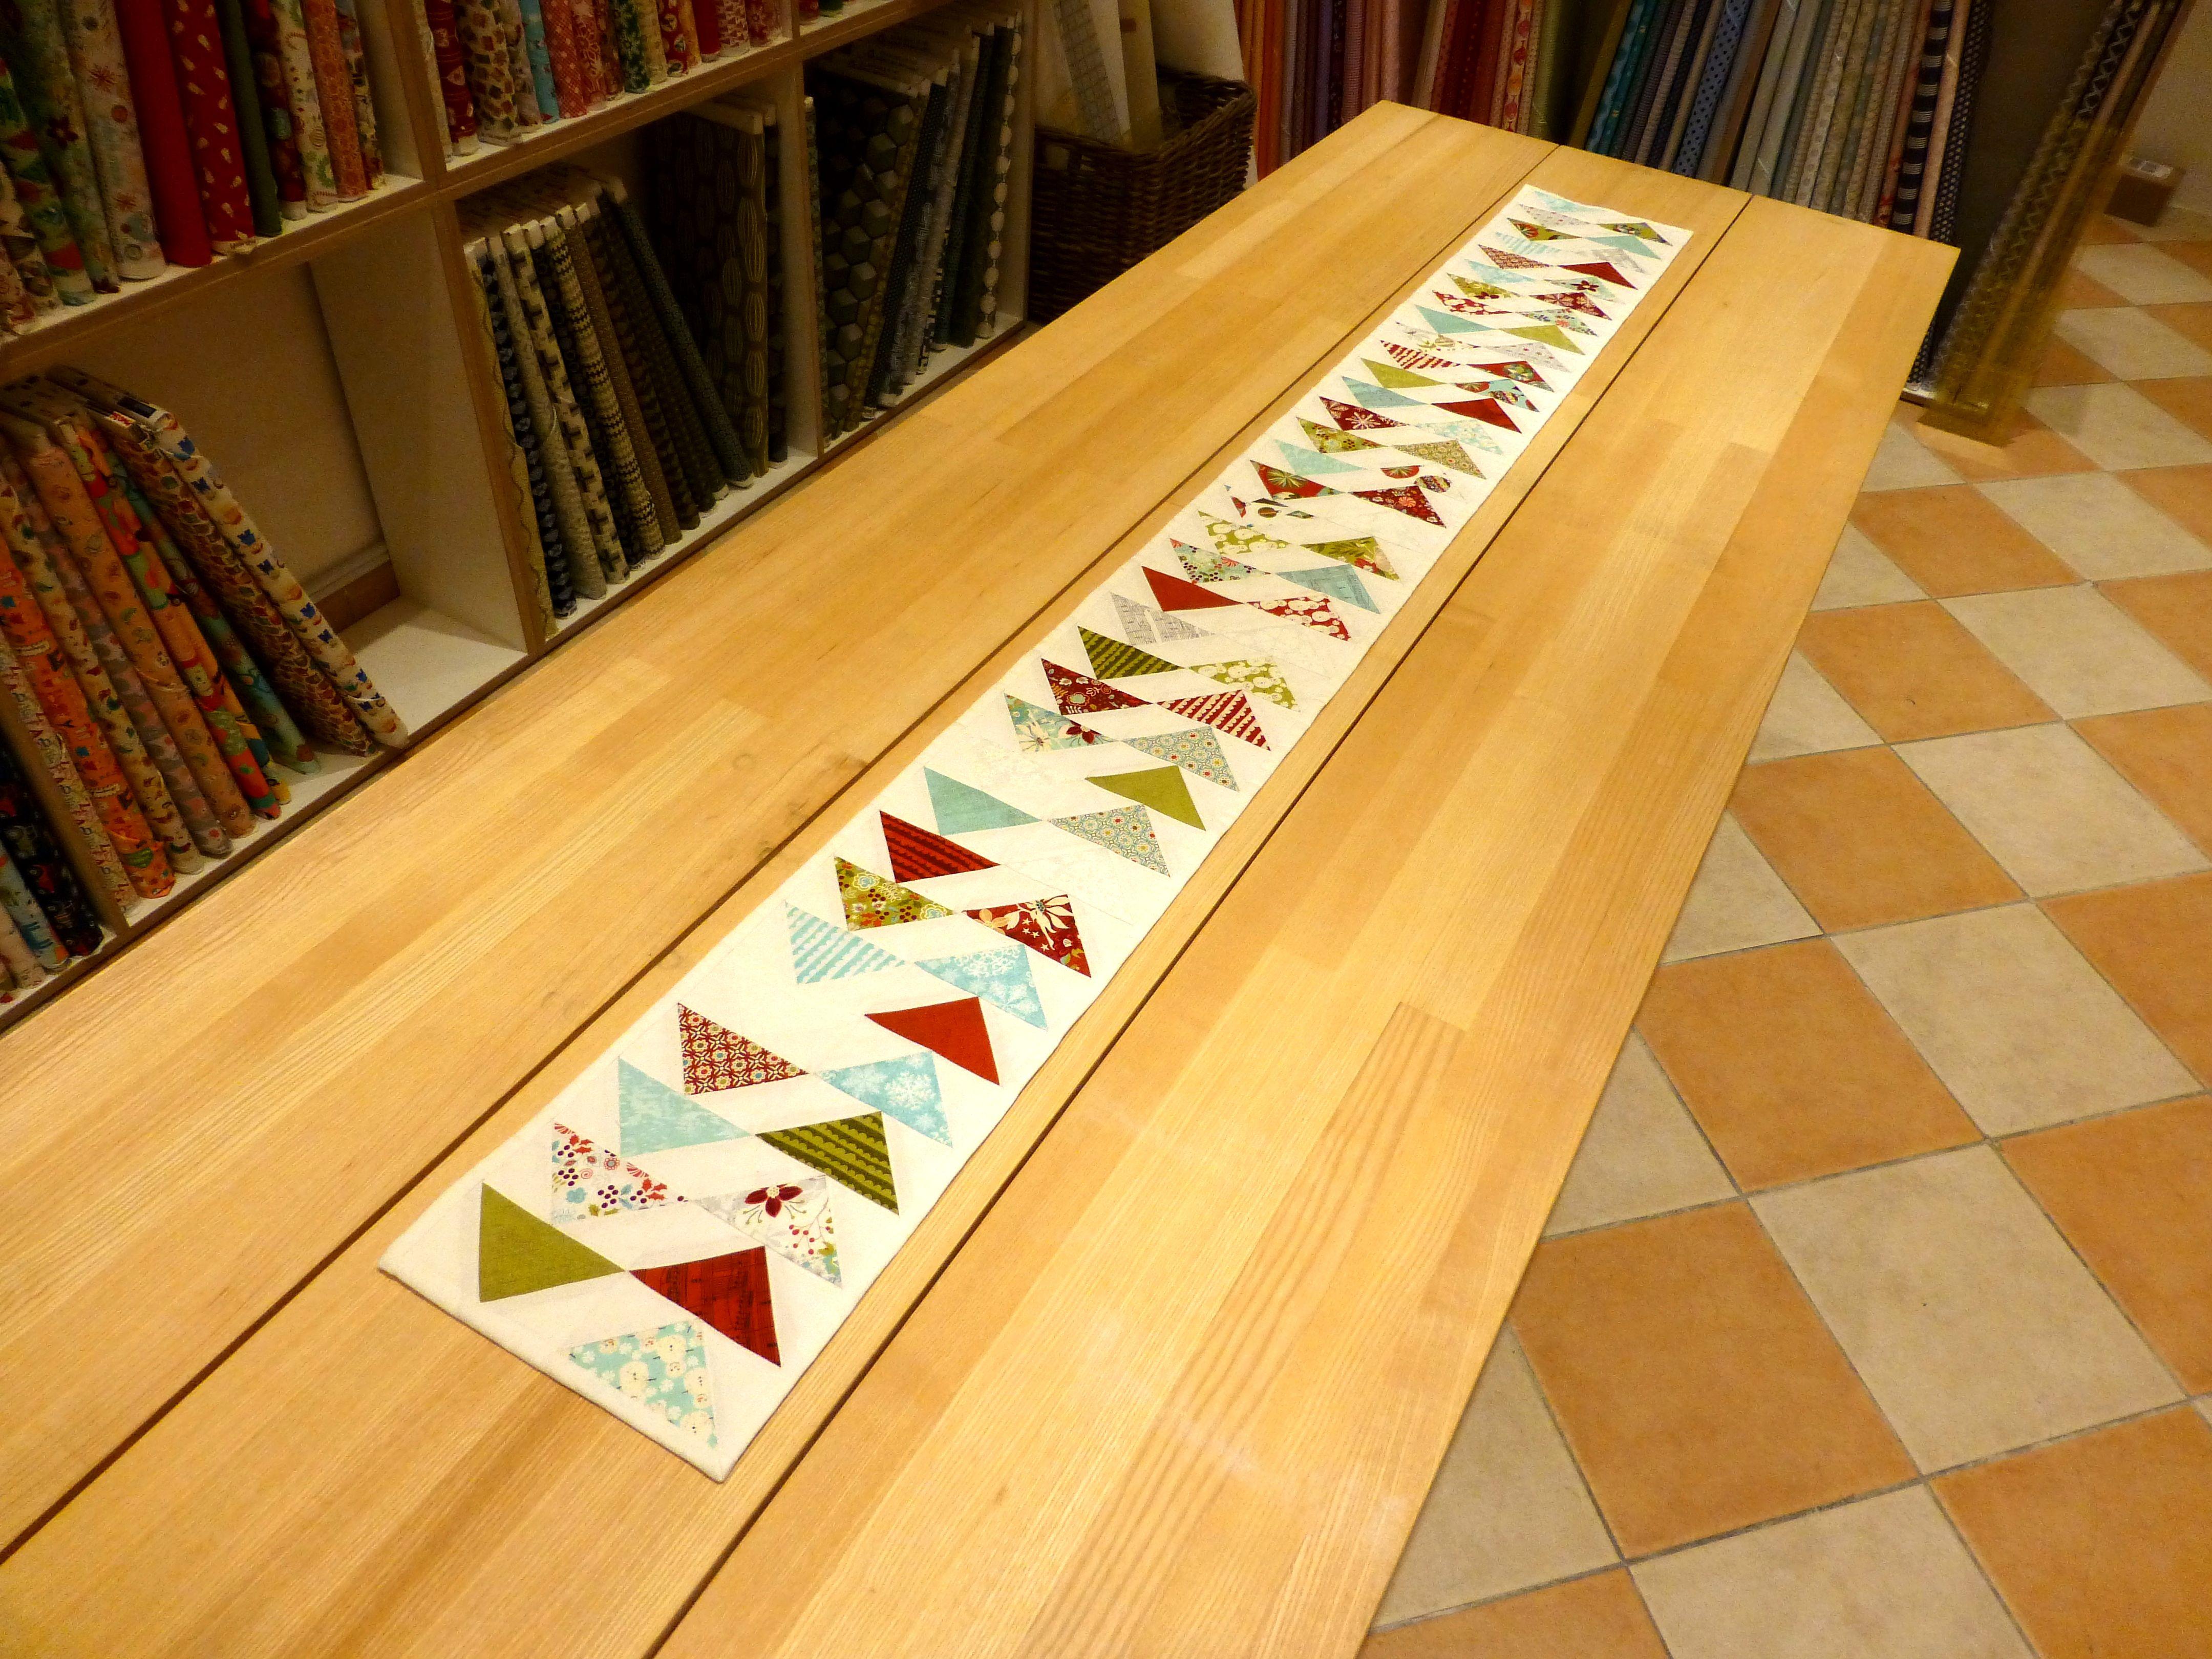 Tischläufer Modern quiltmanufaktur flying geese tischläufer http quiltmanufaktur